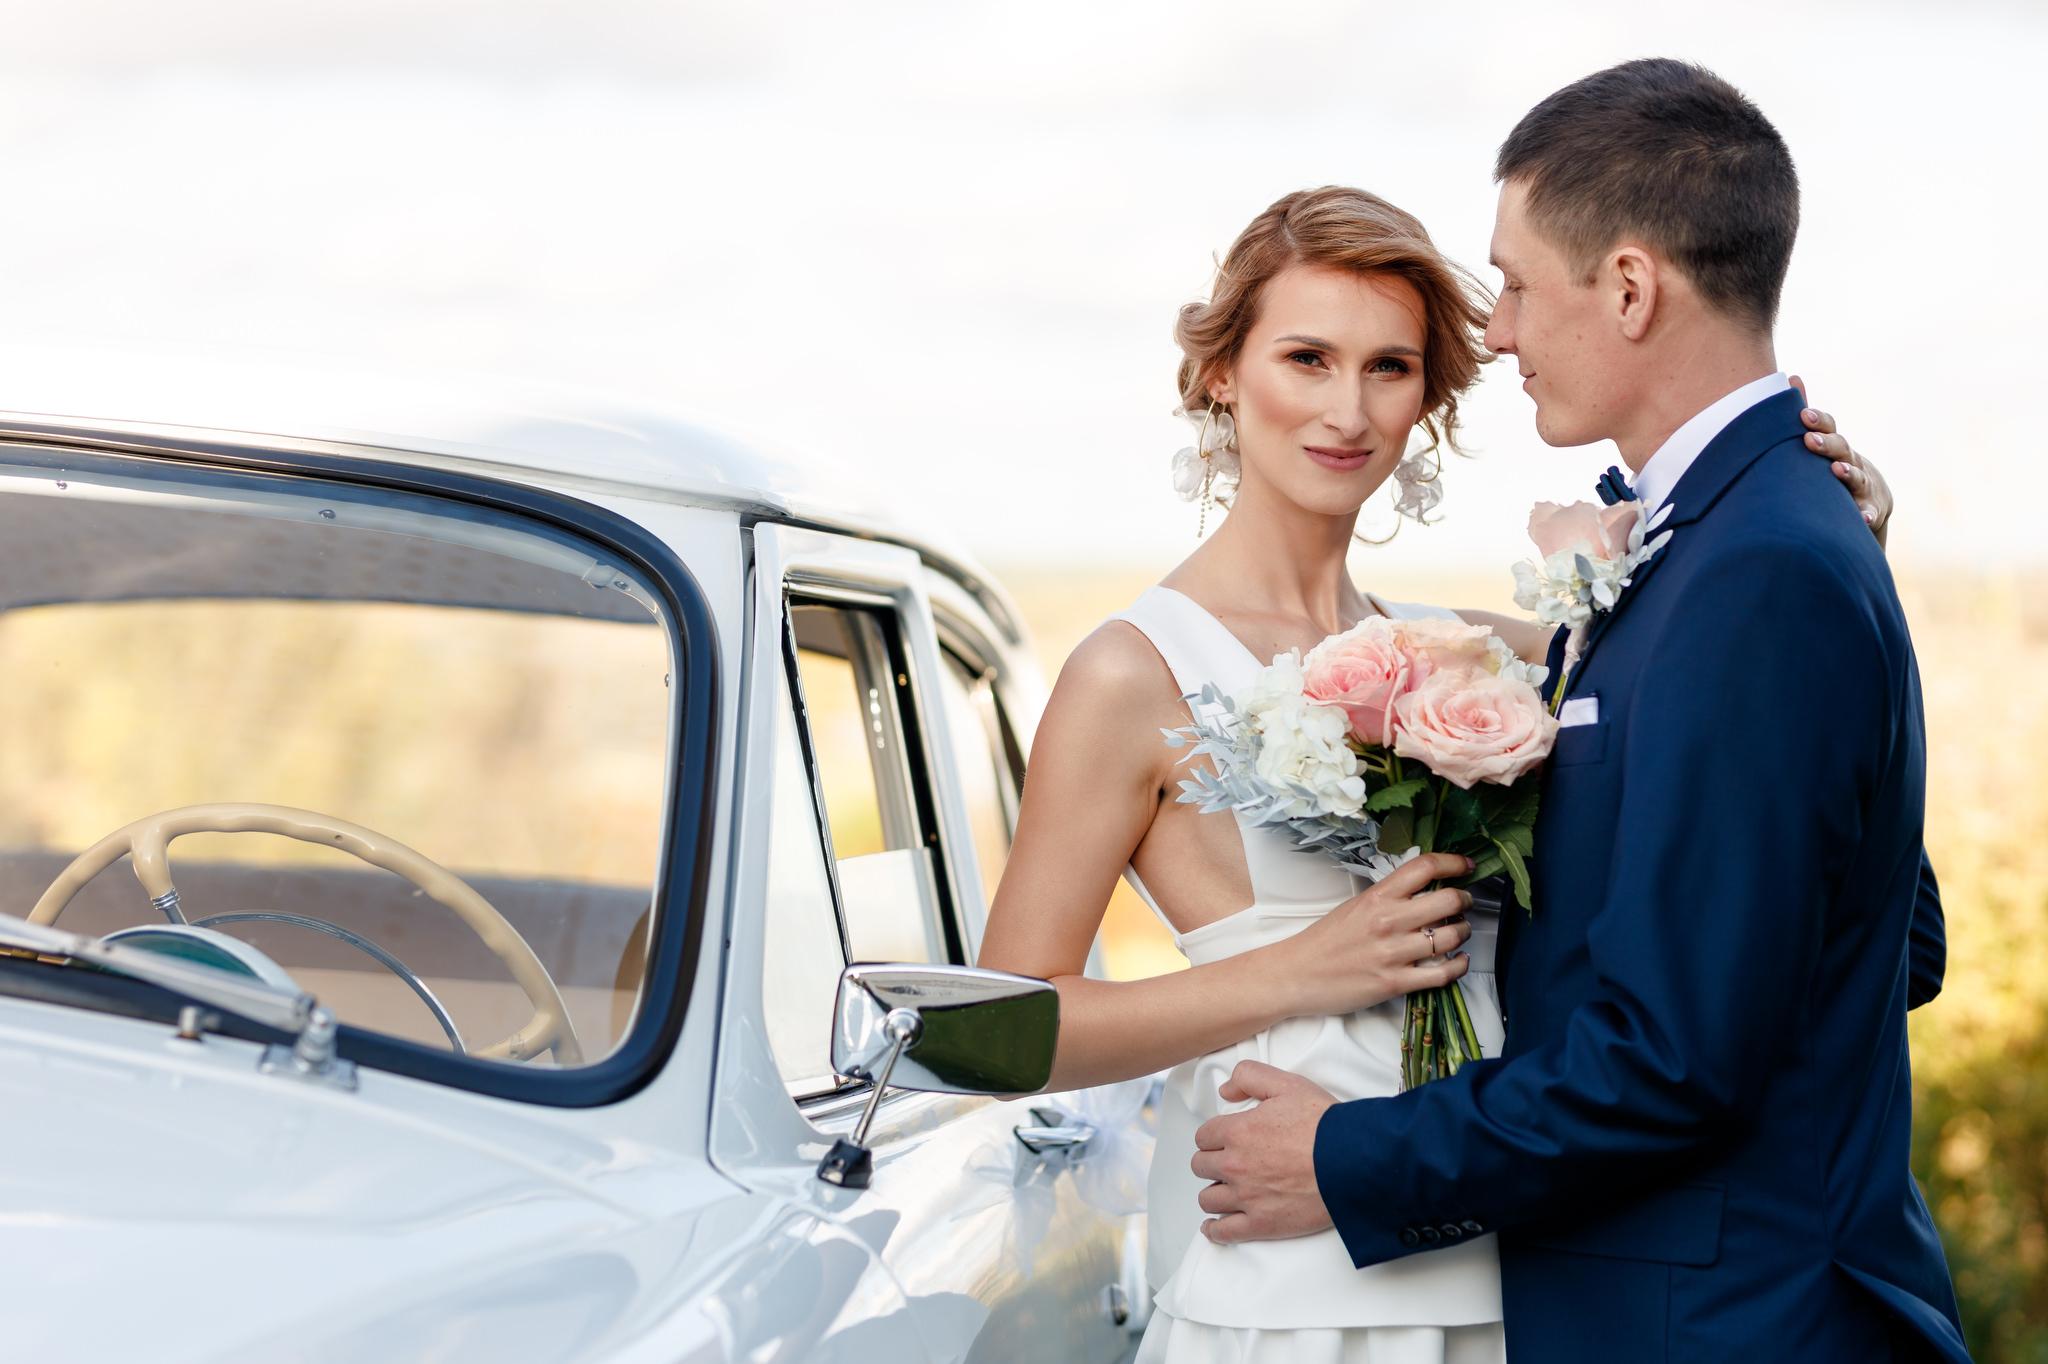 sesja plenerowa wykonana przy samochodzie przez fotografa ślubnego z Warszawy